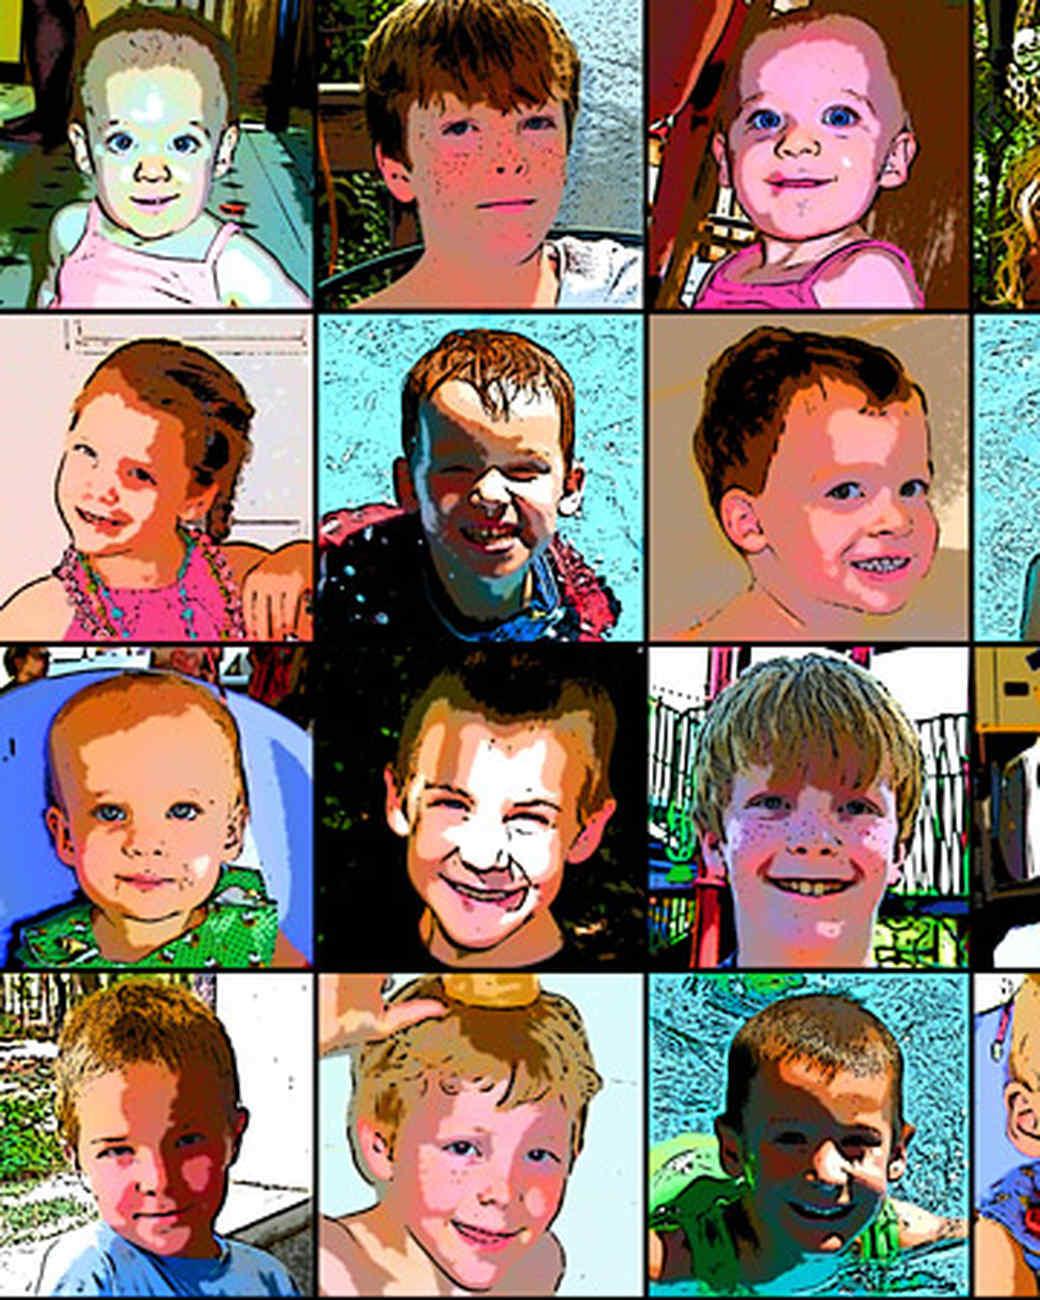 grandchildren_16_montag_gea.jpg